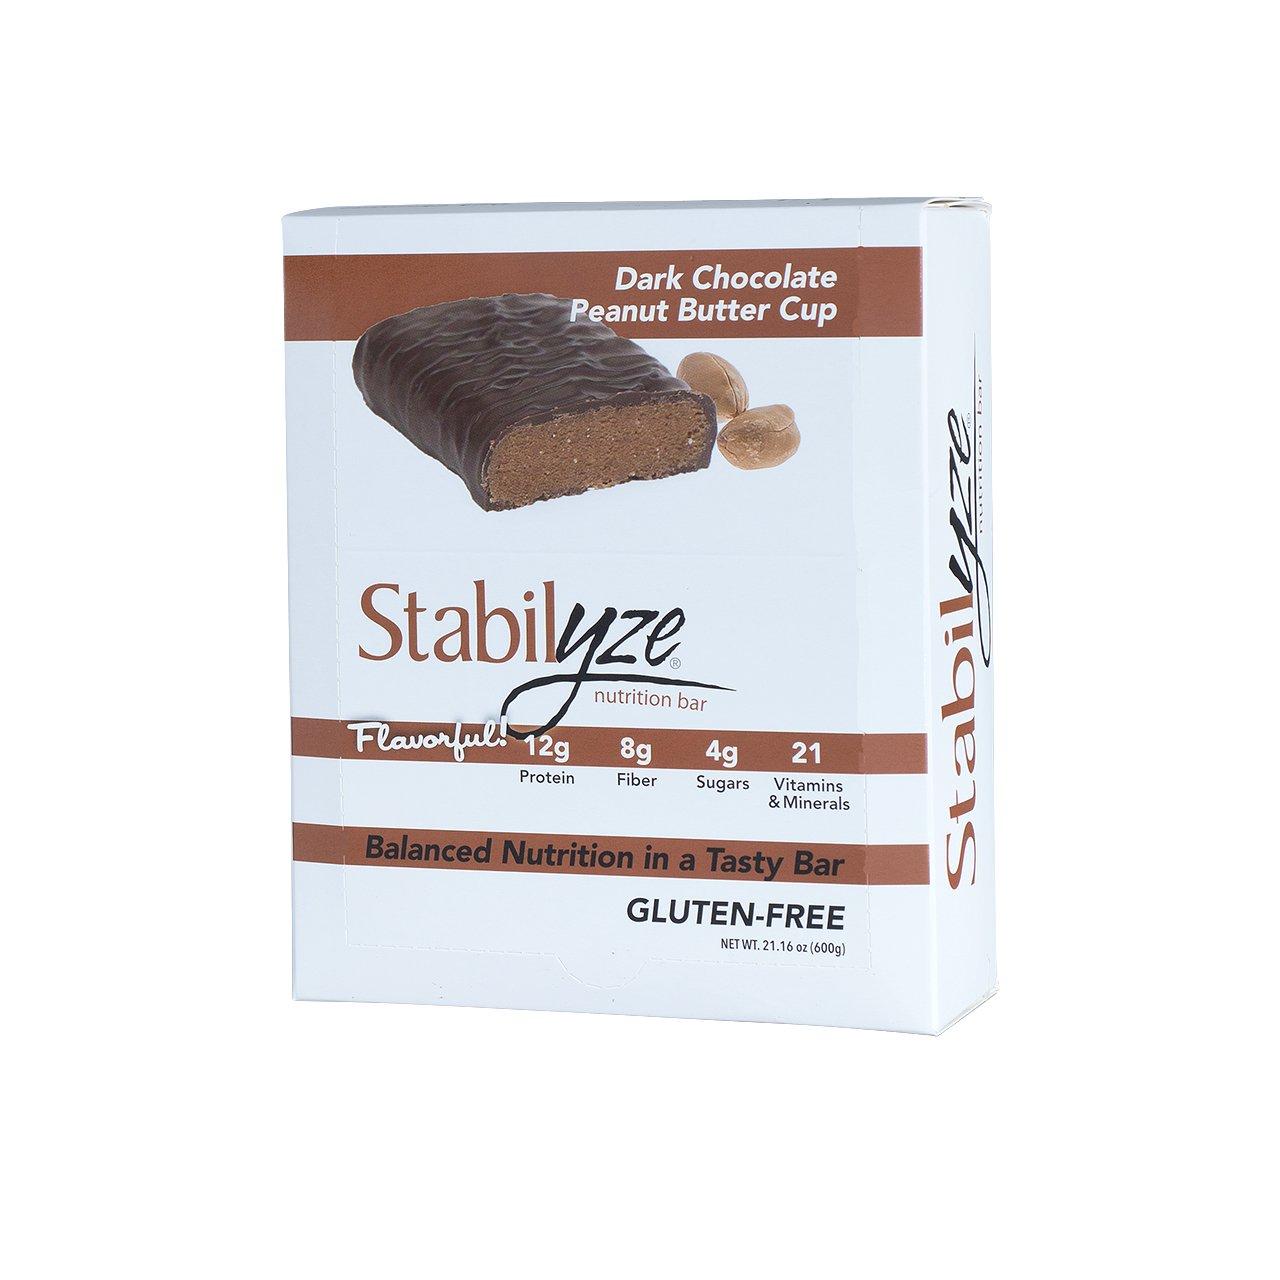 Stabilyze Nutrition Bar Dark Chocolate Coconut Cashew